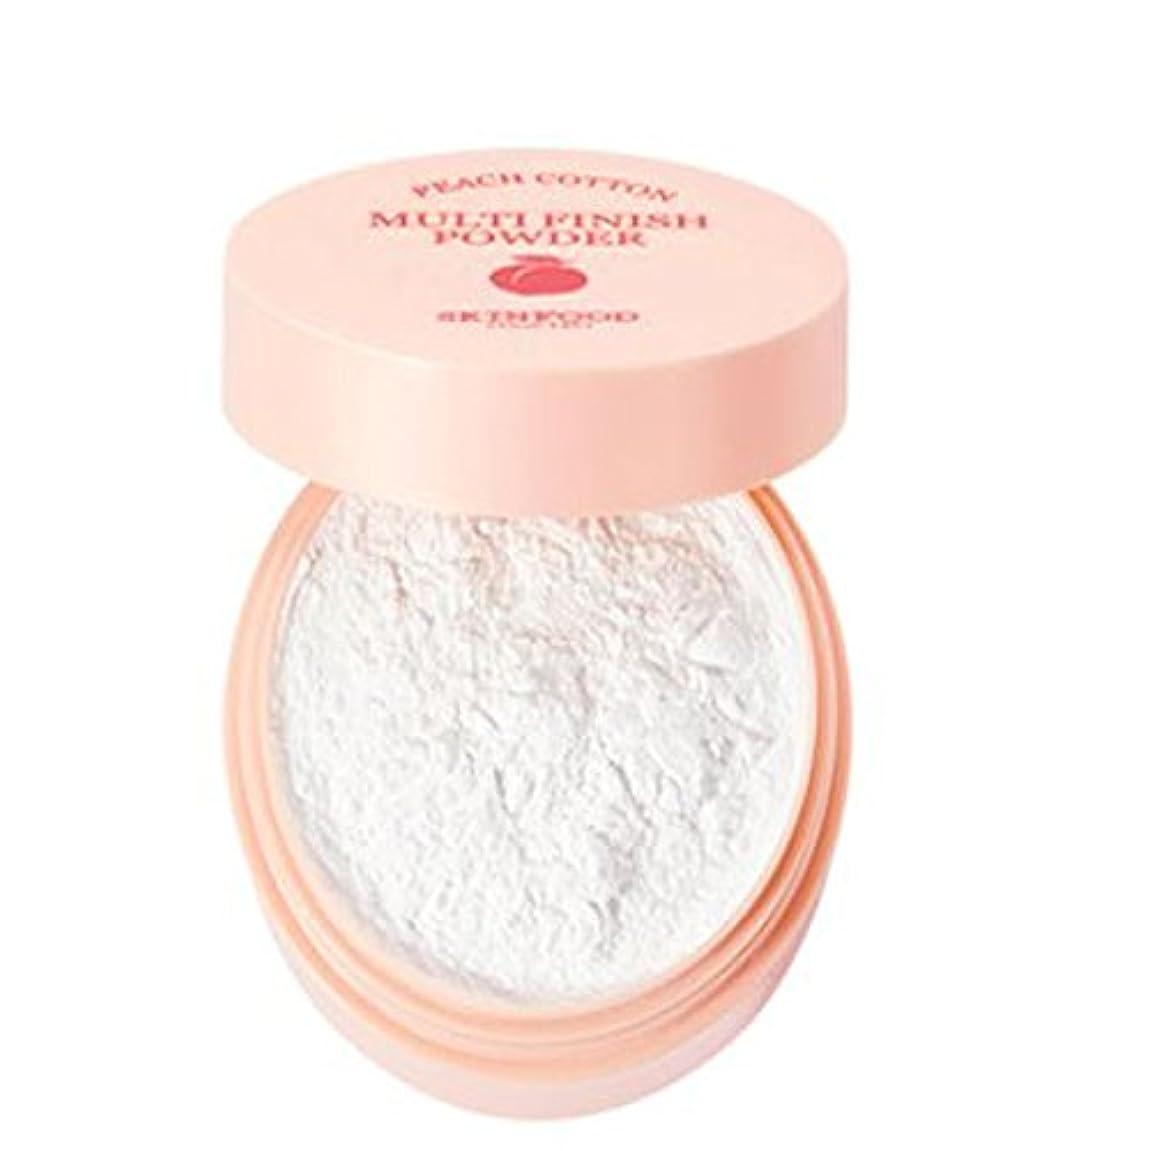 旅ラジエーター時折[SKINFOOD] Peach Cotton Multi Finish Powder ピッチサラッとマルチフィニッシュパウダー - 5g